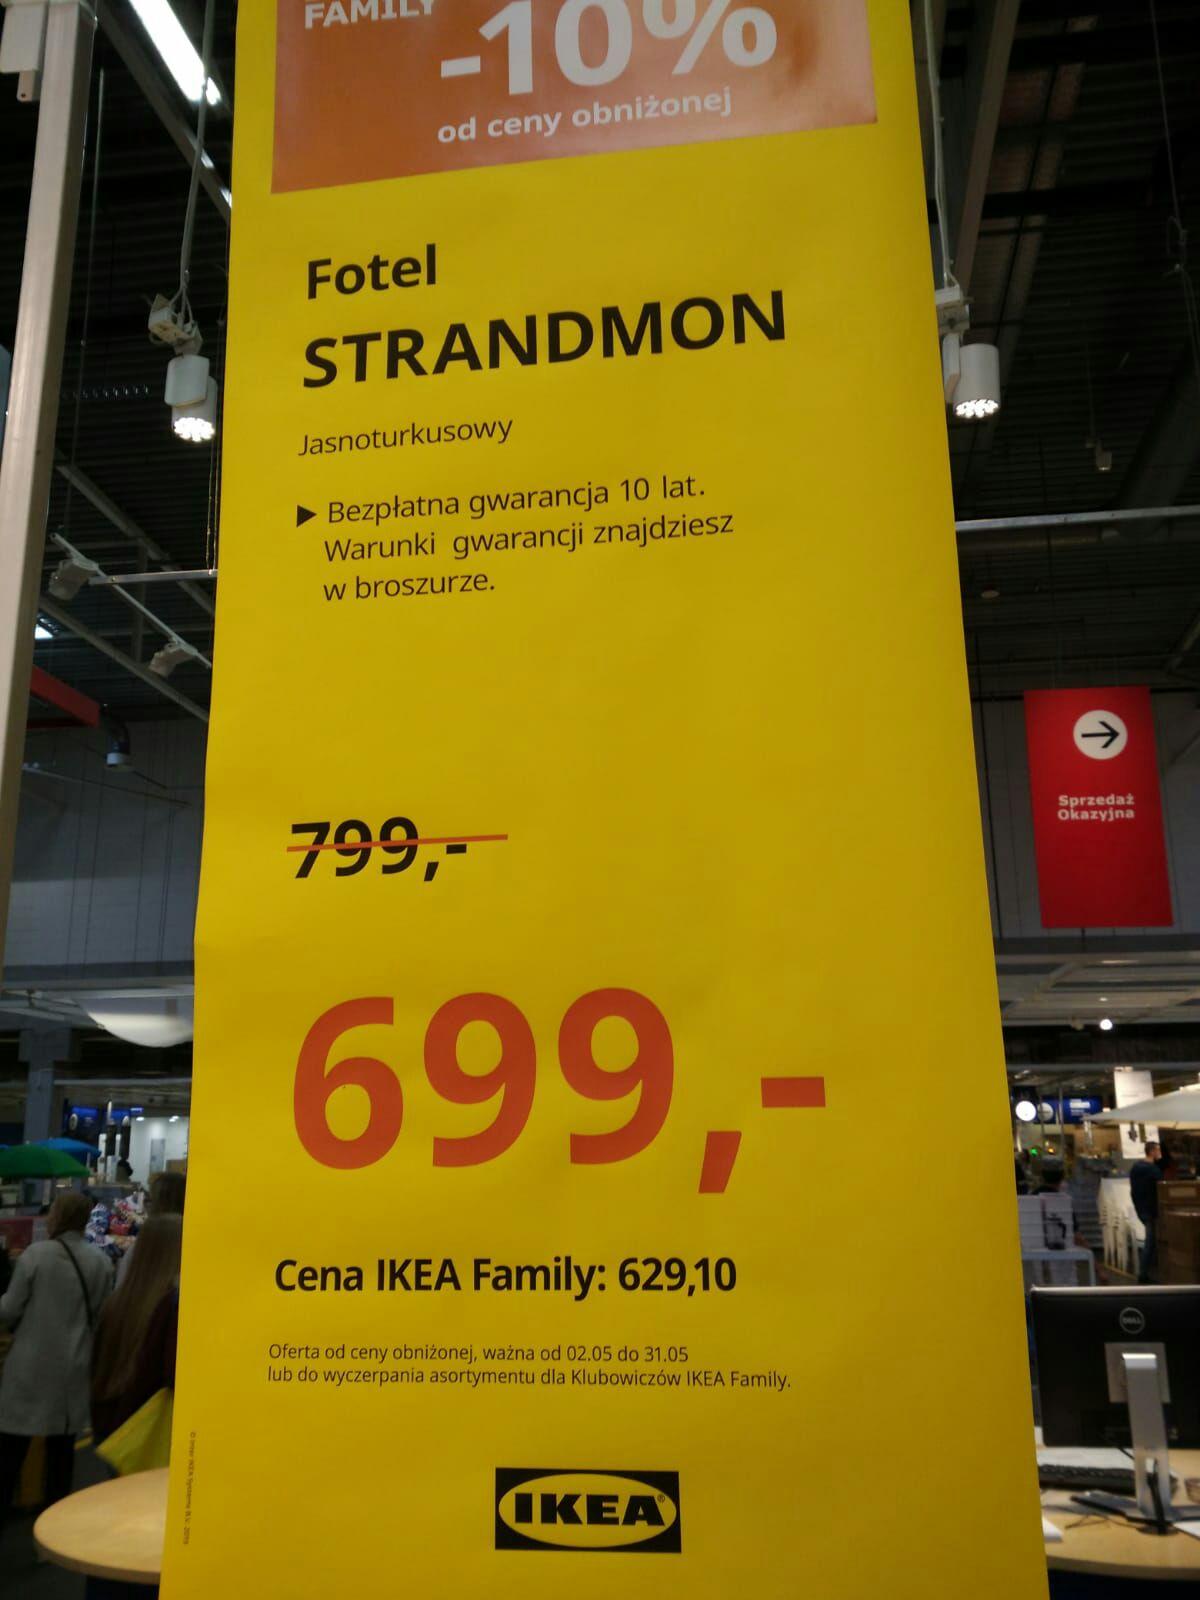 Fotel STRANDMON - Ikea Katowice